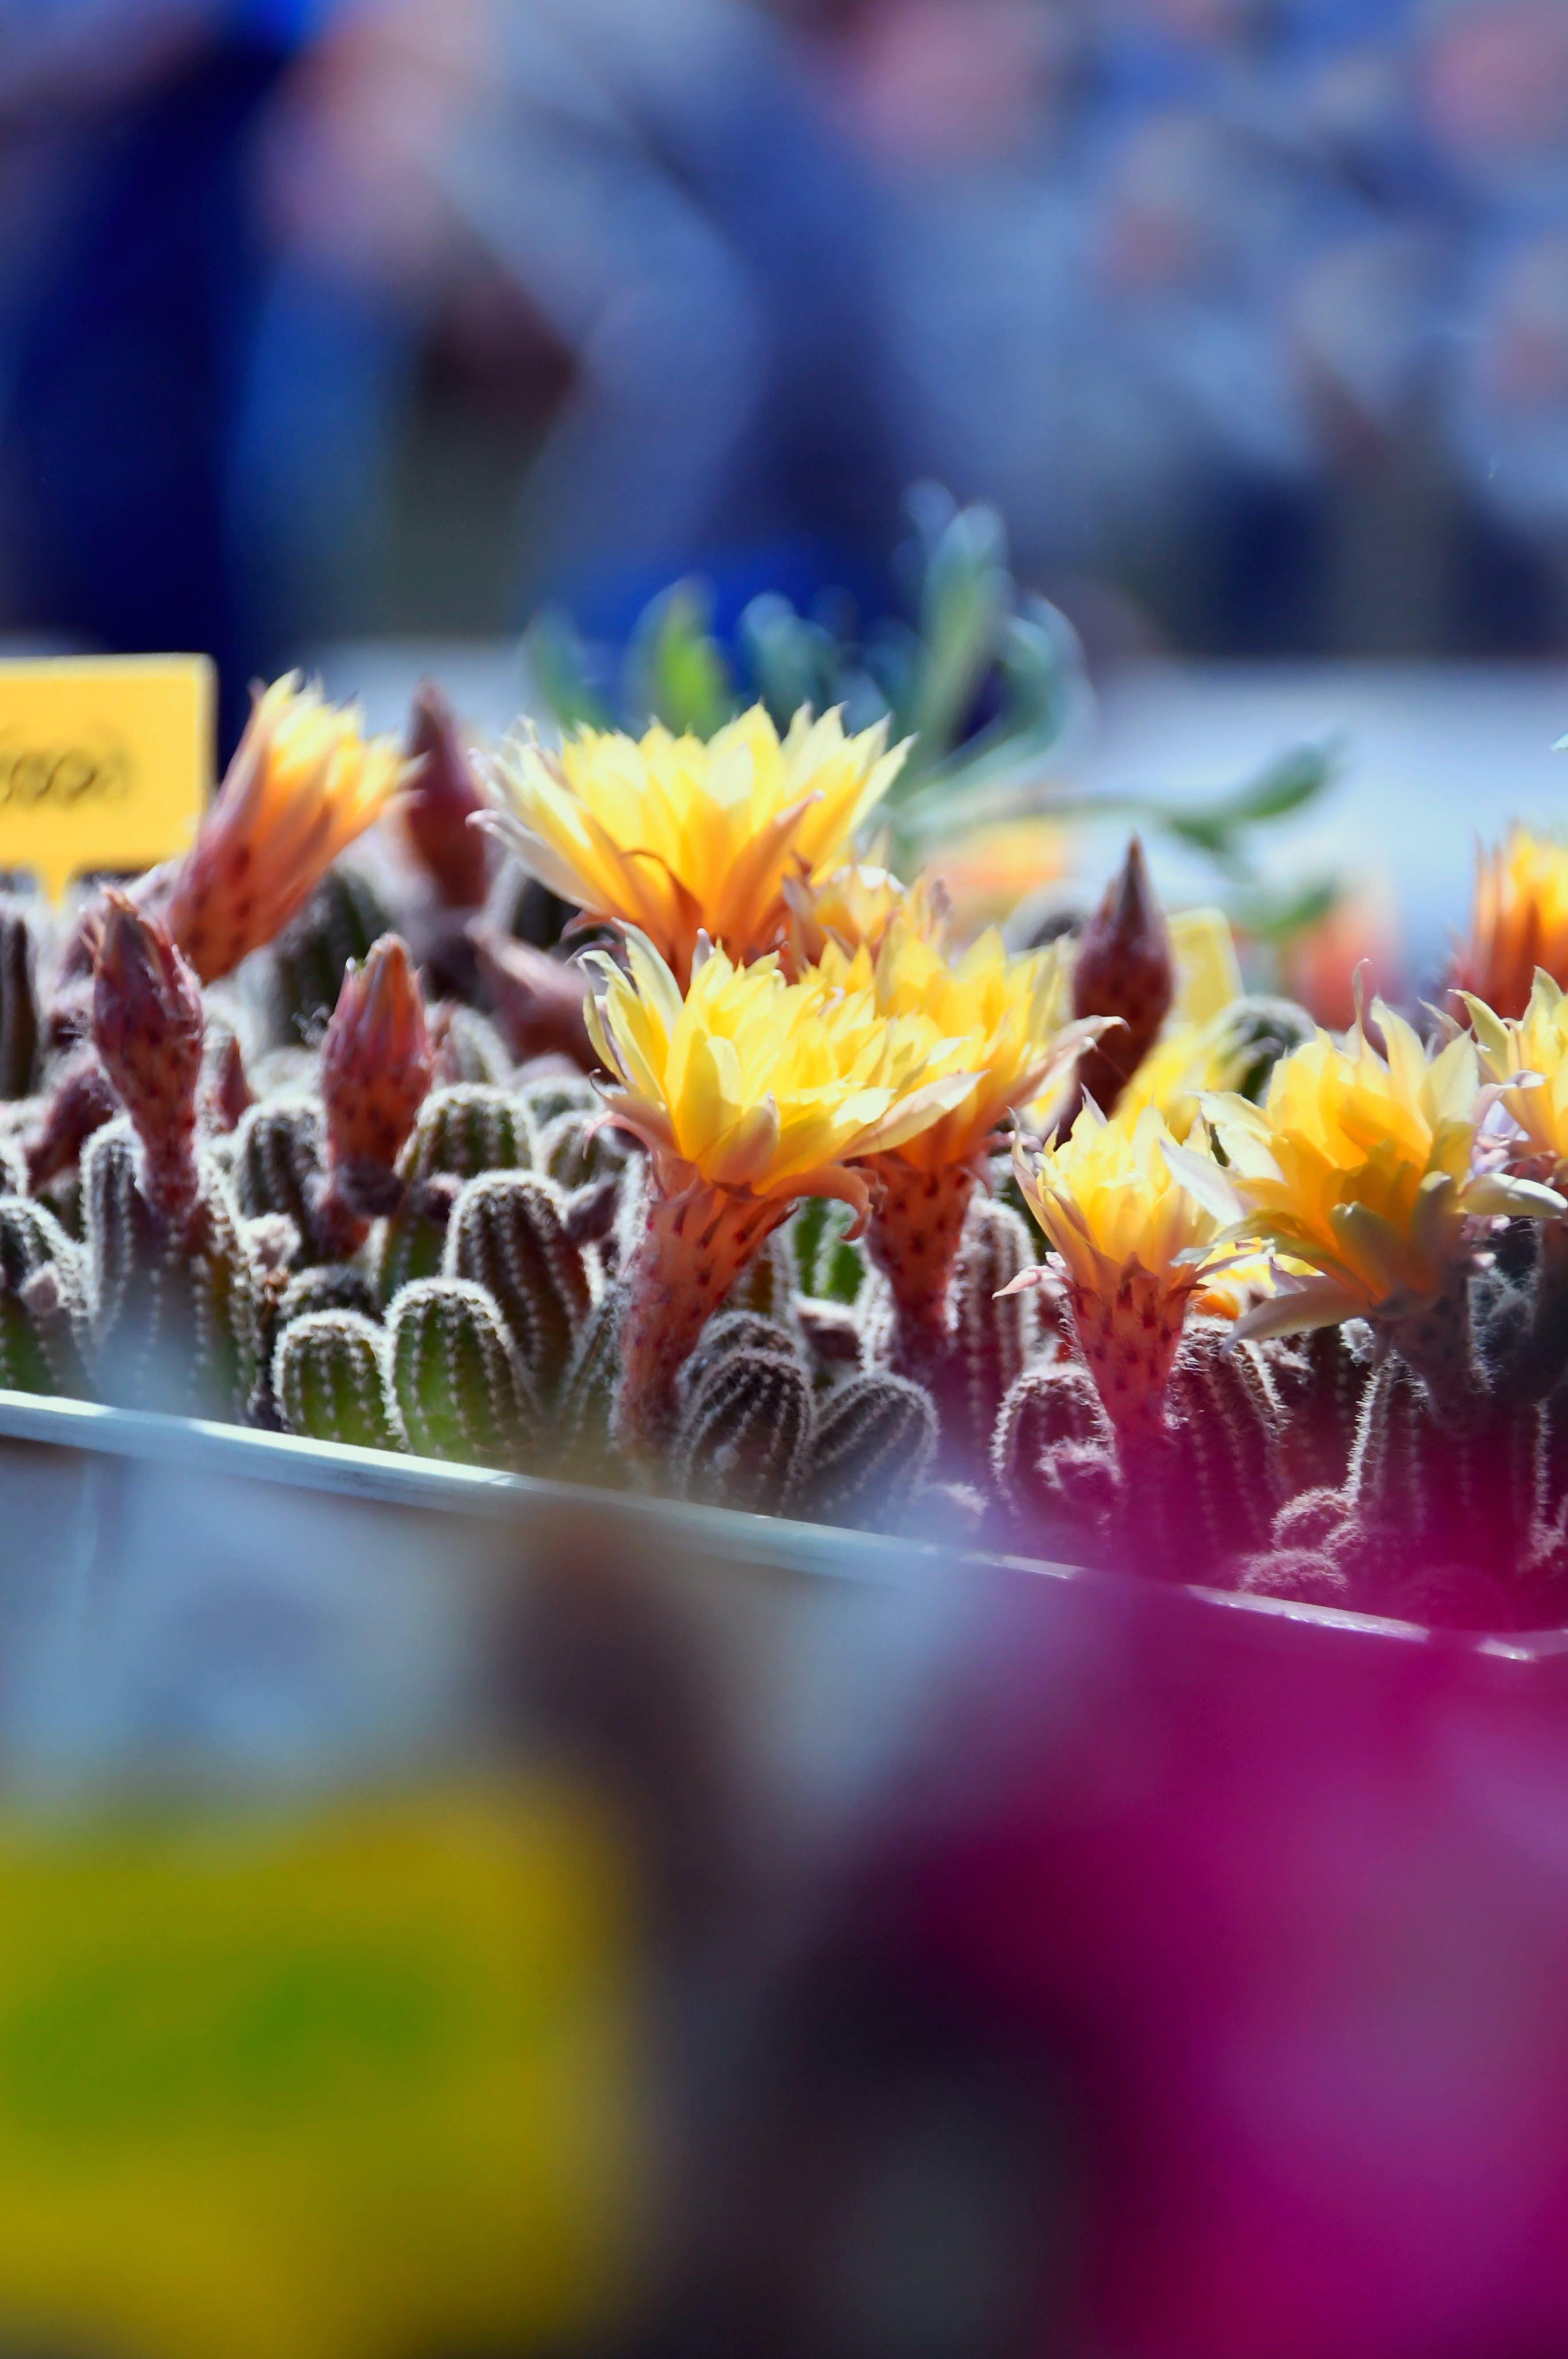 Gratis lagerfoto af baggrund, blomst, botanik, Botanisk